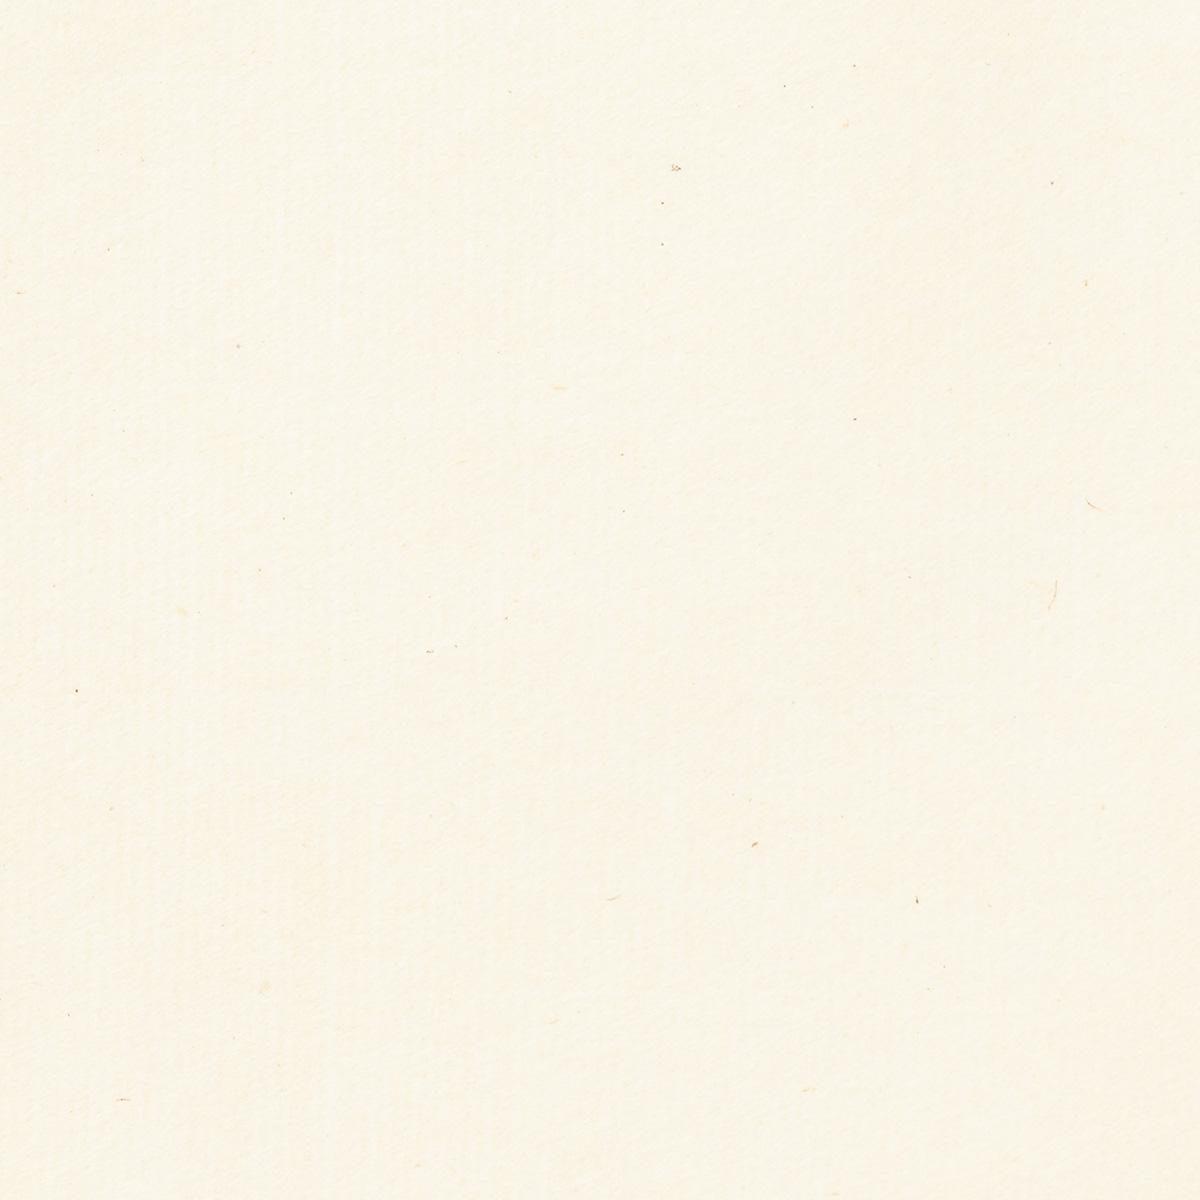 備中 三椏紙 薄葉 未晒